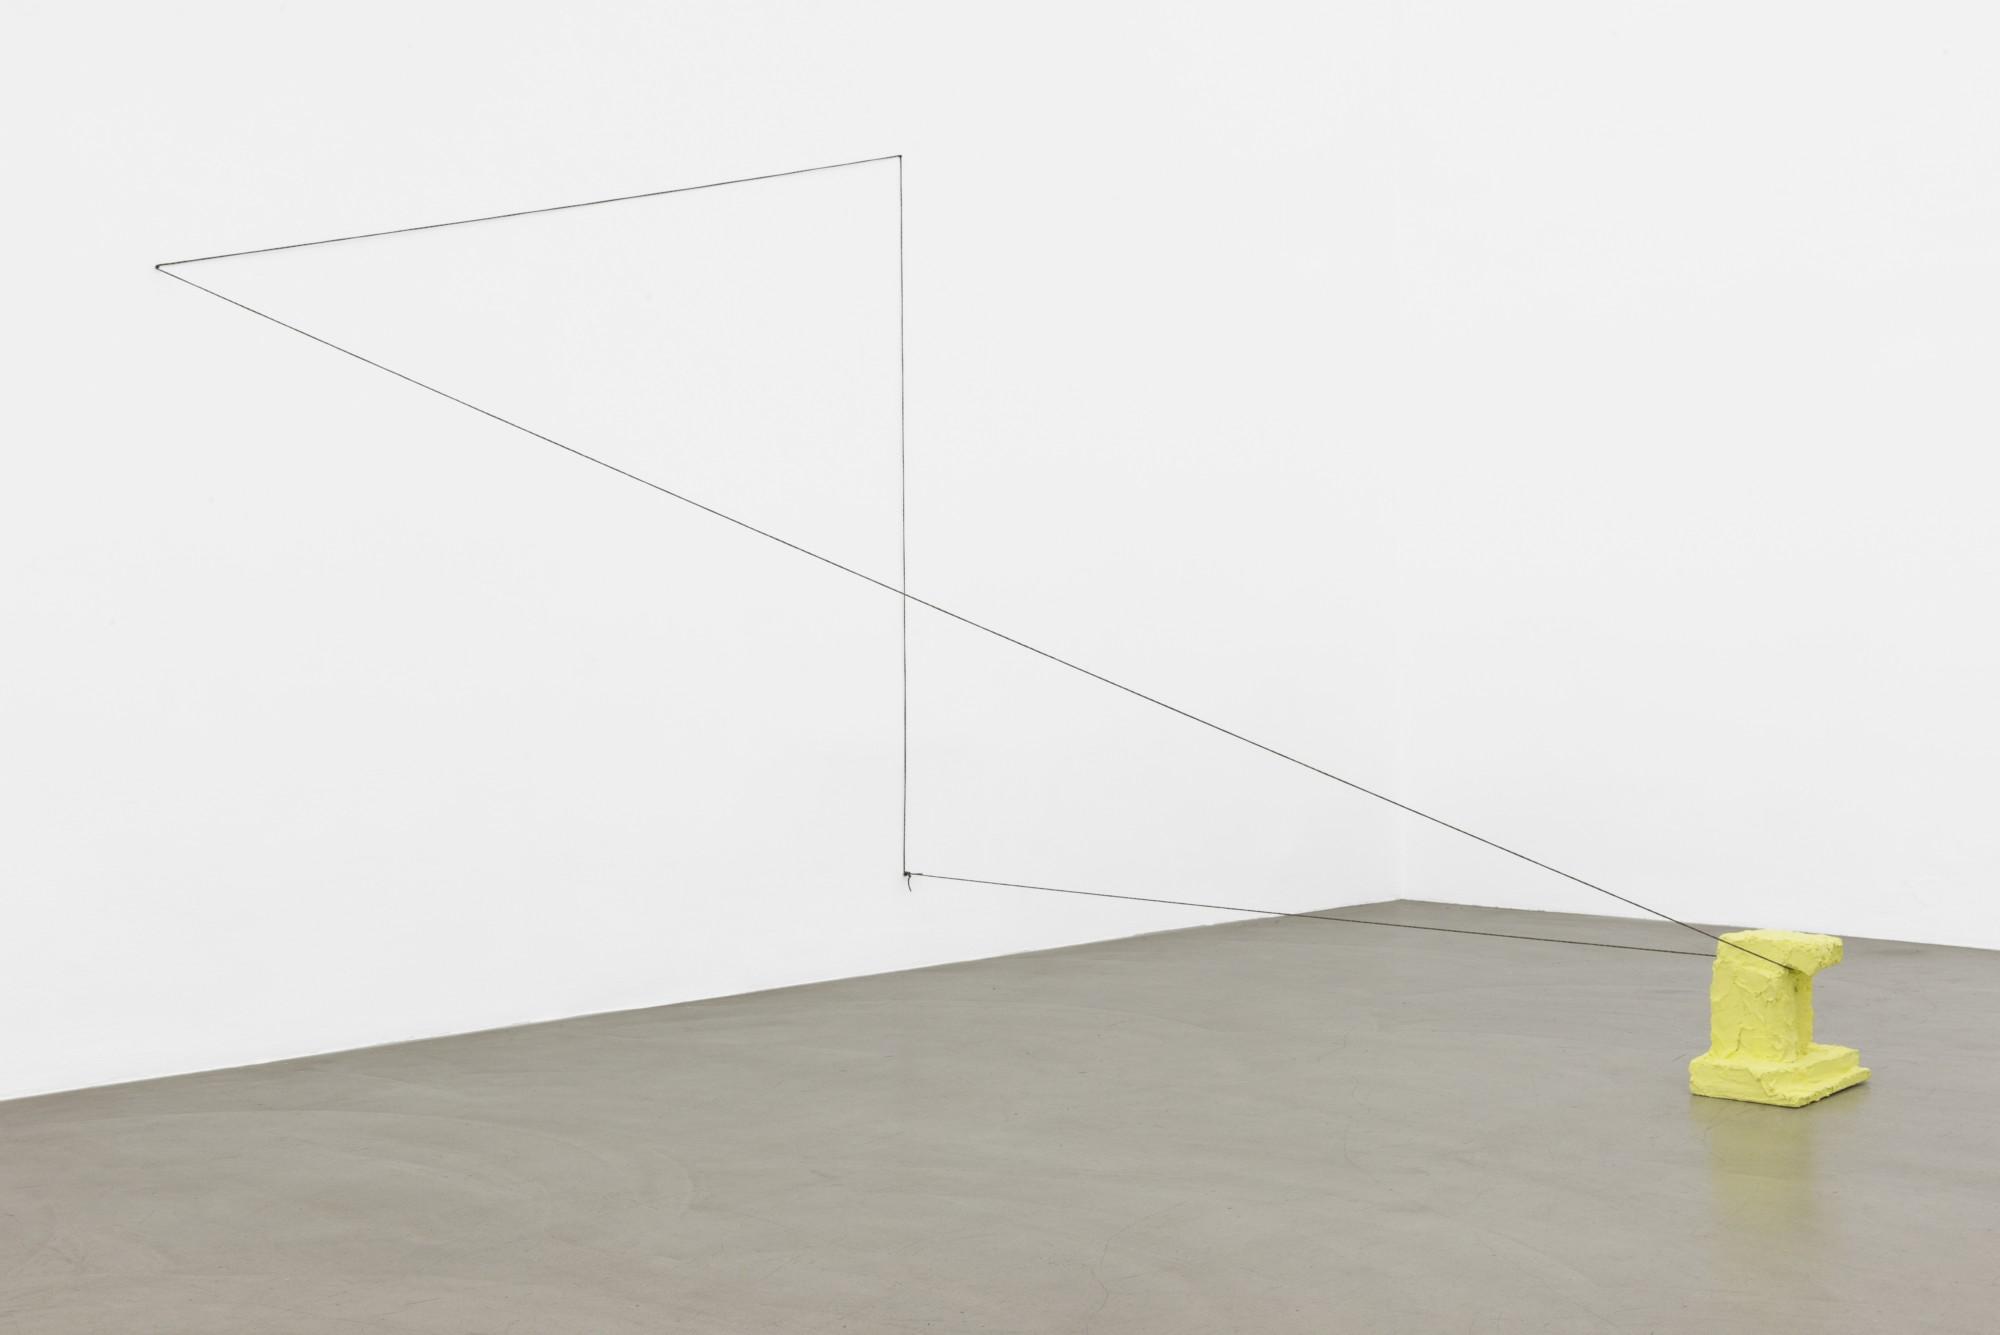 """Rachel Harrison, """"Urządzenie kadrujące (żółte)"""", 2014, dzięki uprzejmości Galerii Meyer Kainer, Wiedeń, fot. Marcel Koehler (źródło: materiały prasowe organizatora)"""